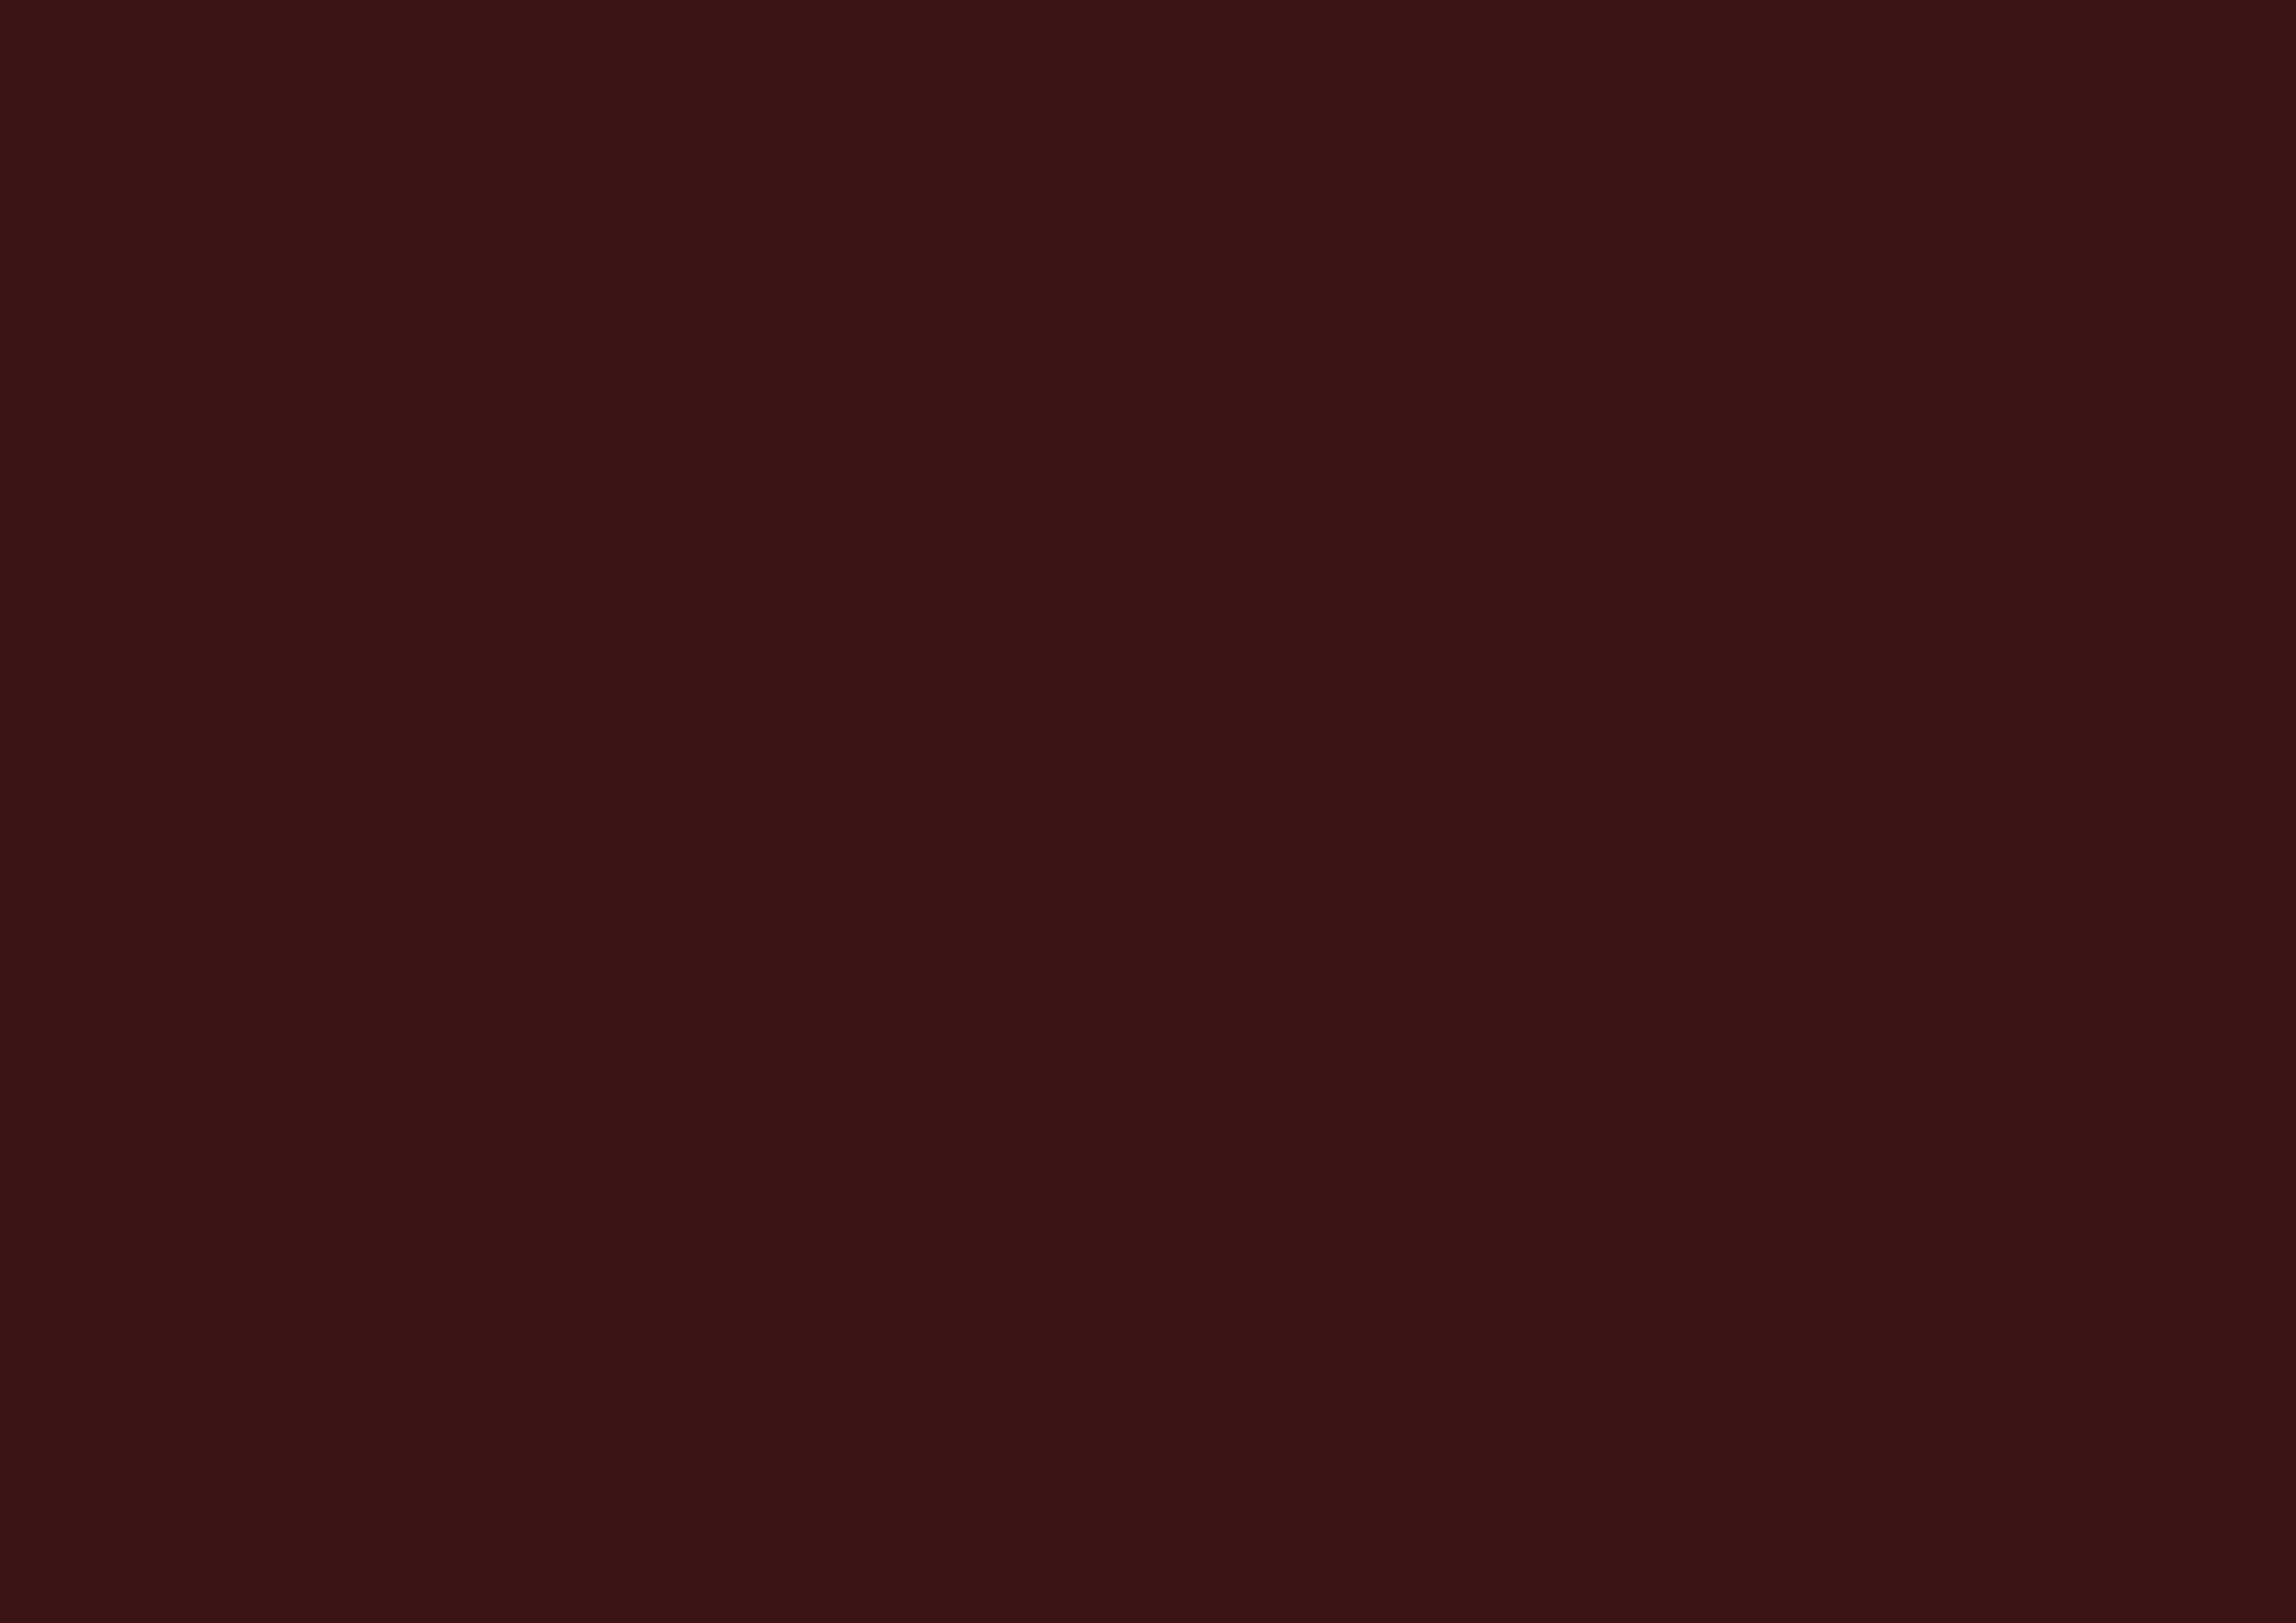 3508x2480 Dark Sienna Solid Color Background